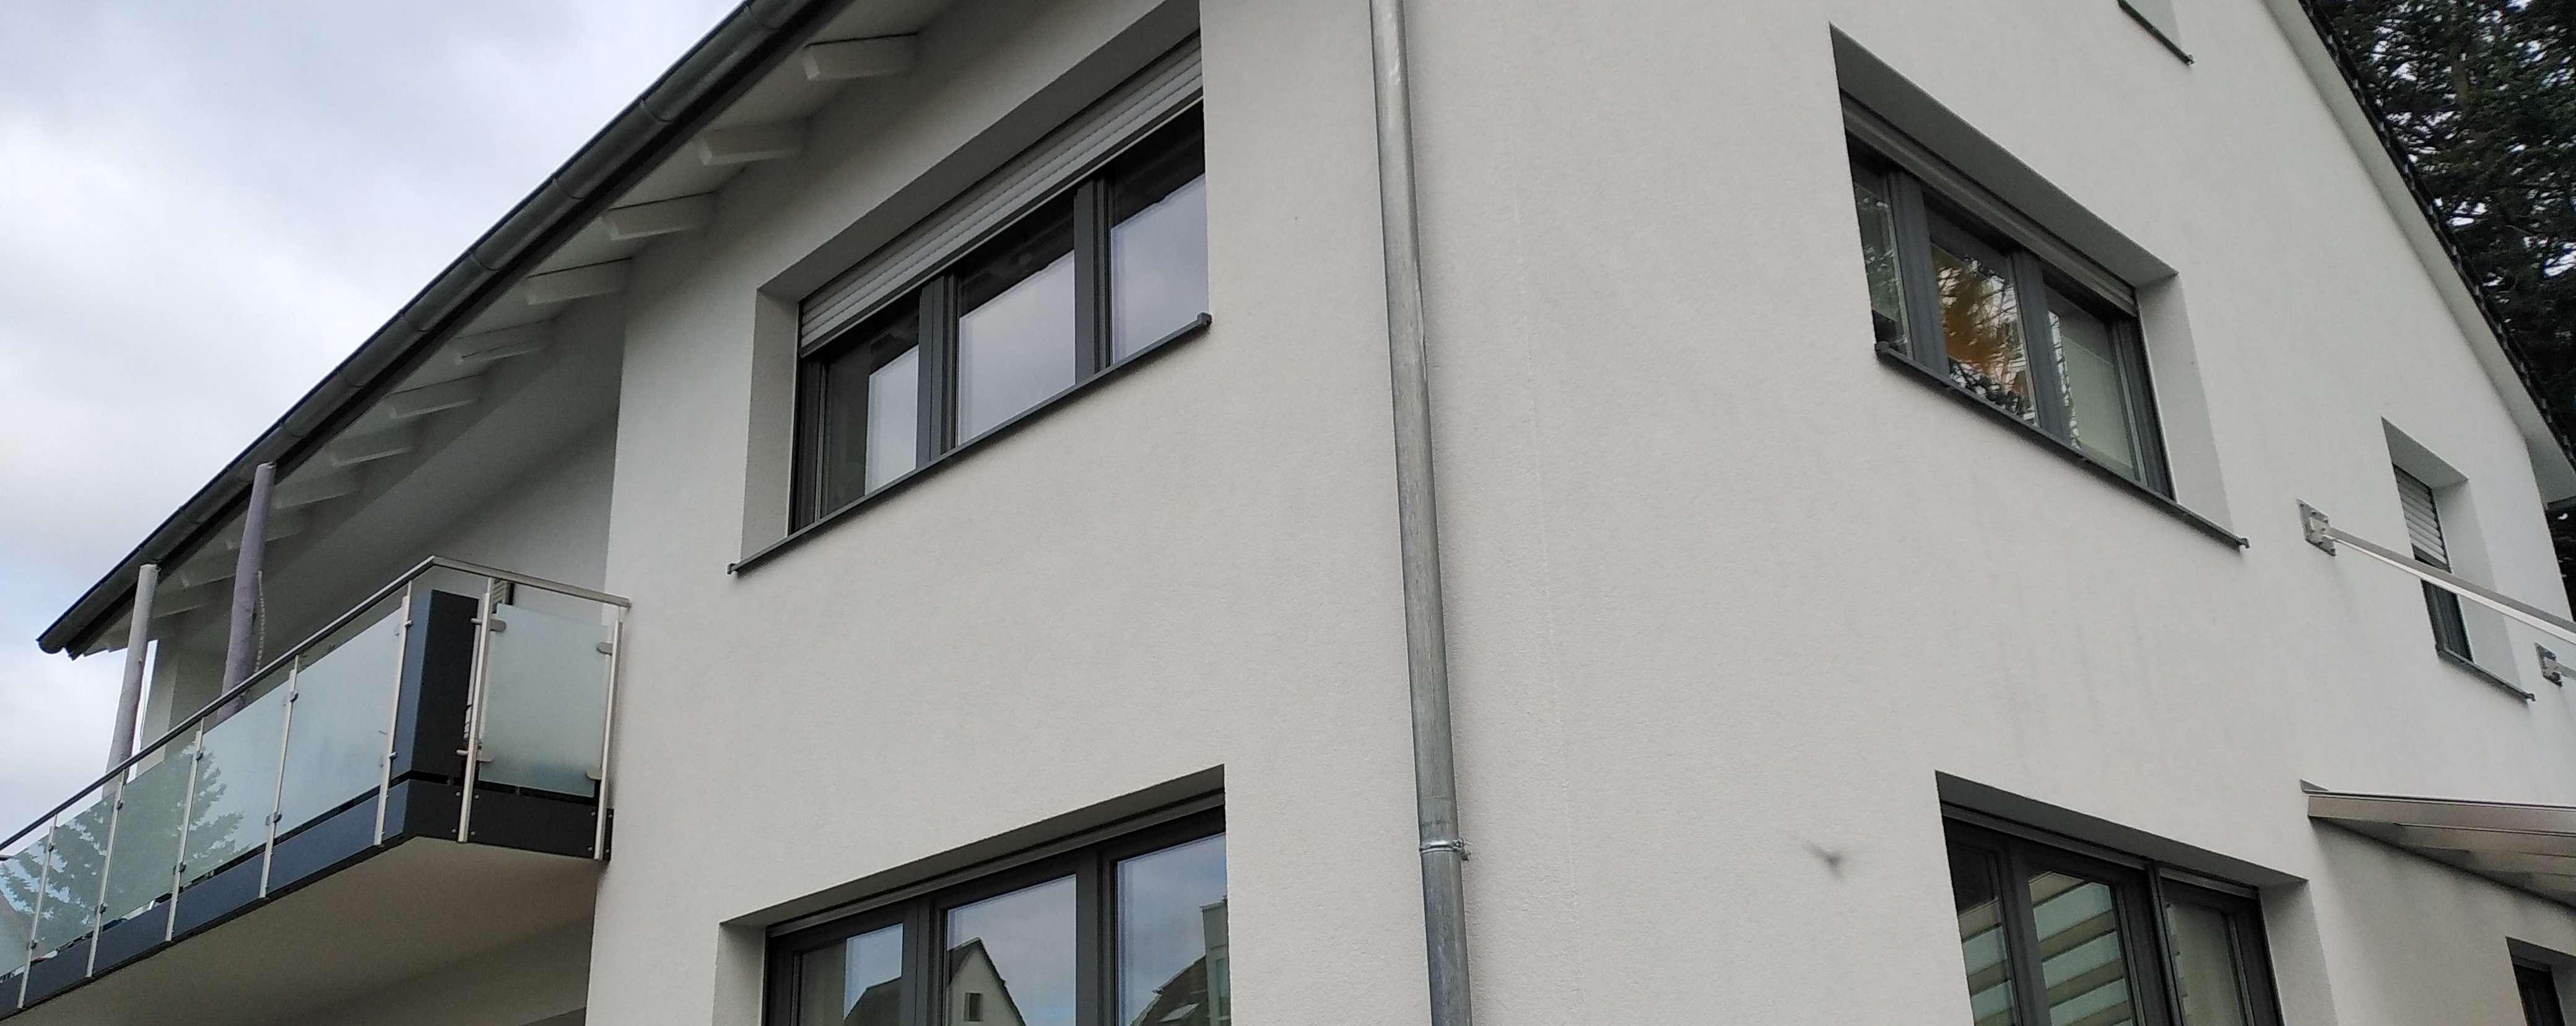 Modernisierte 3-Zimmer-Wohnung mit Balkon in Fürth in Stadeln / Herboldshof / Mannhof (Fürth)